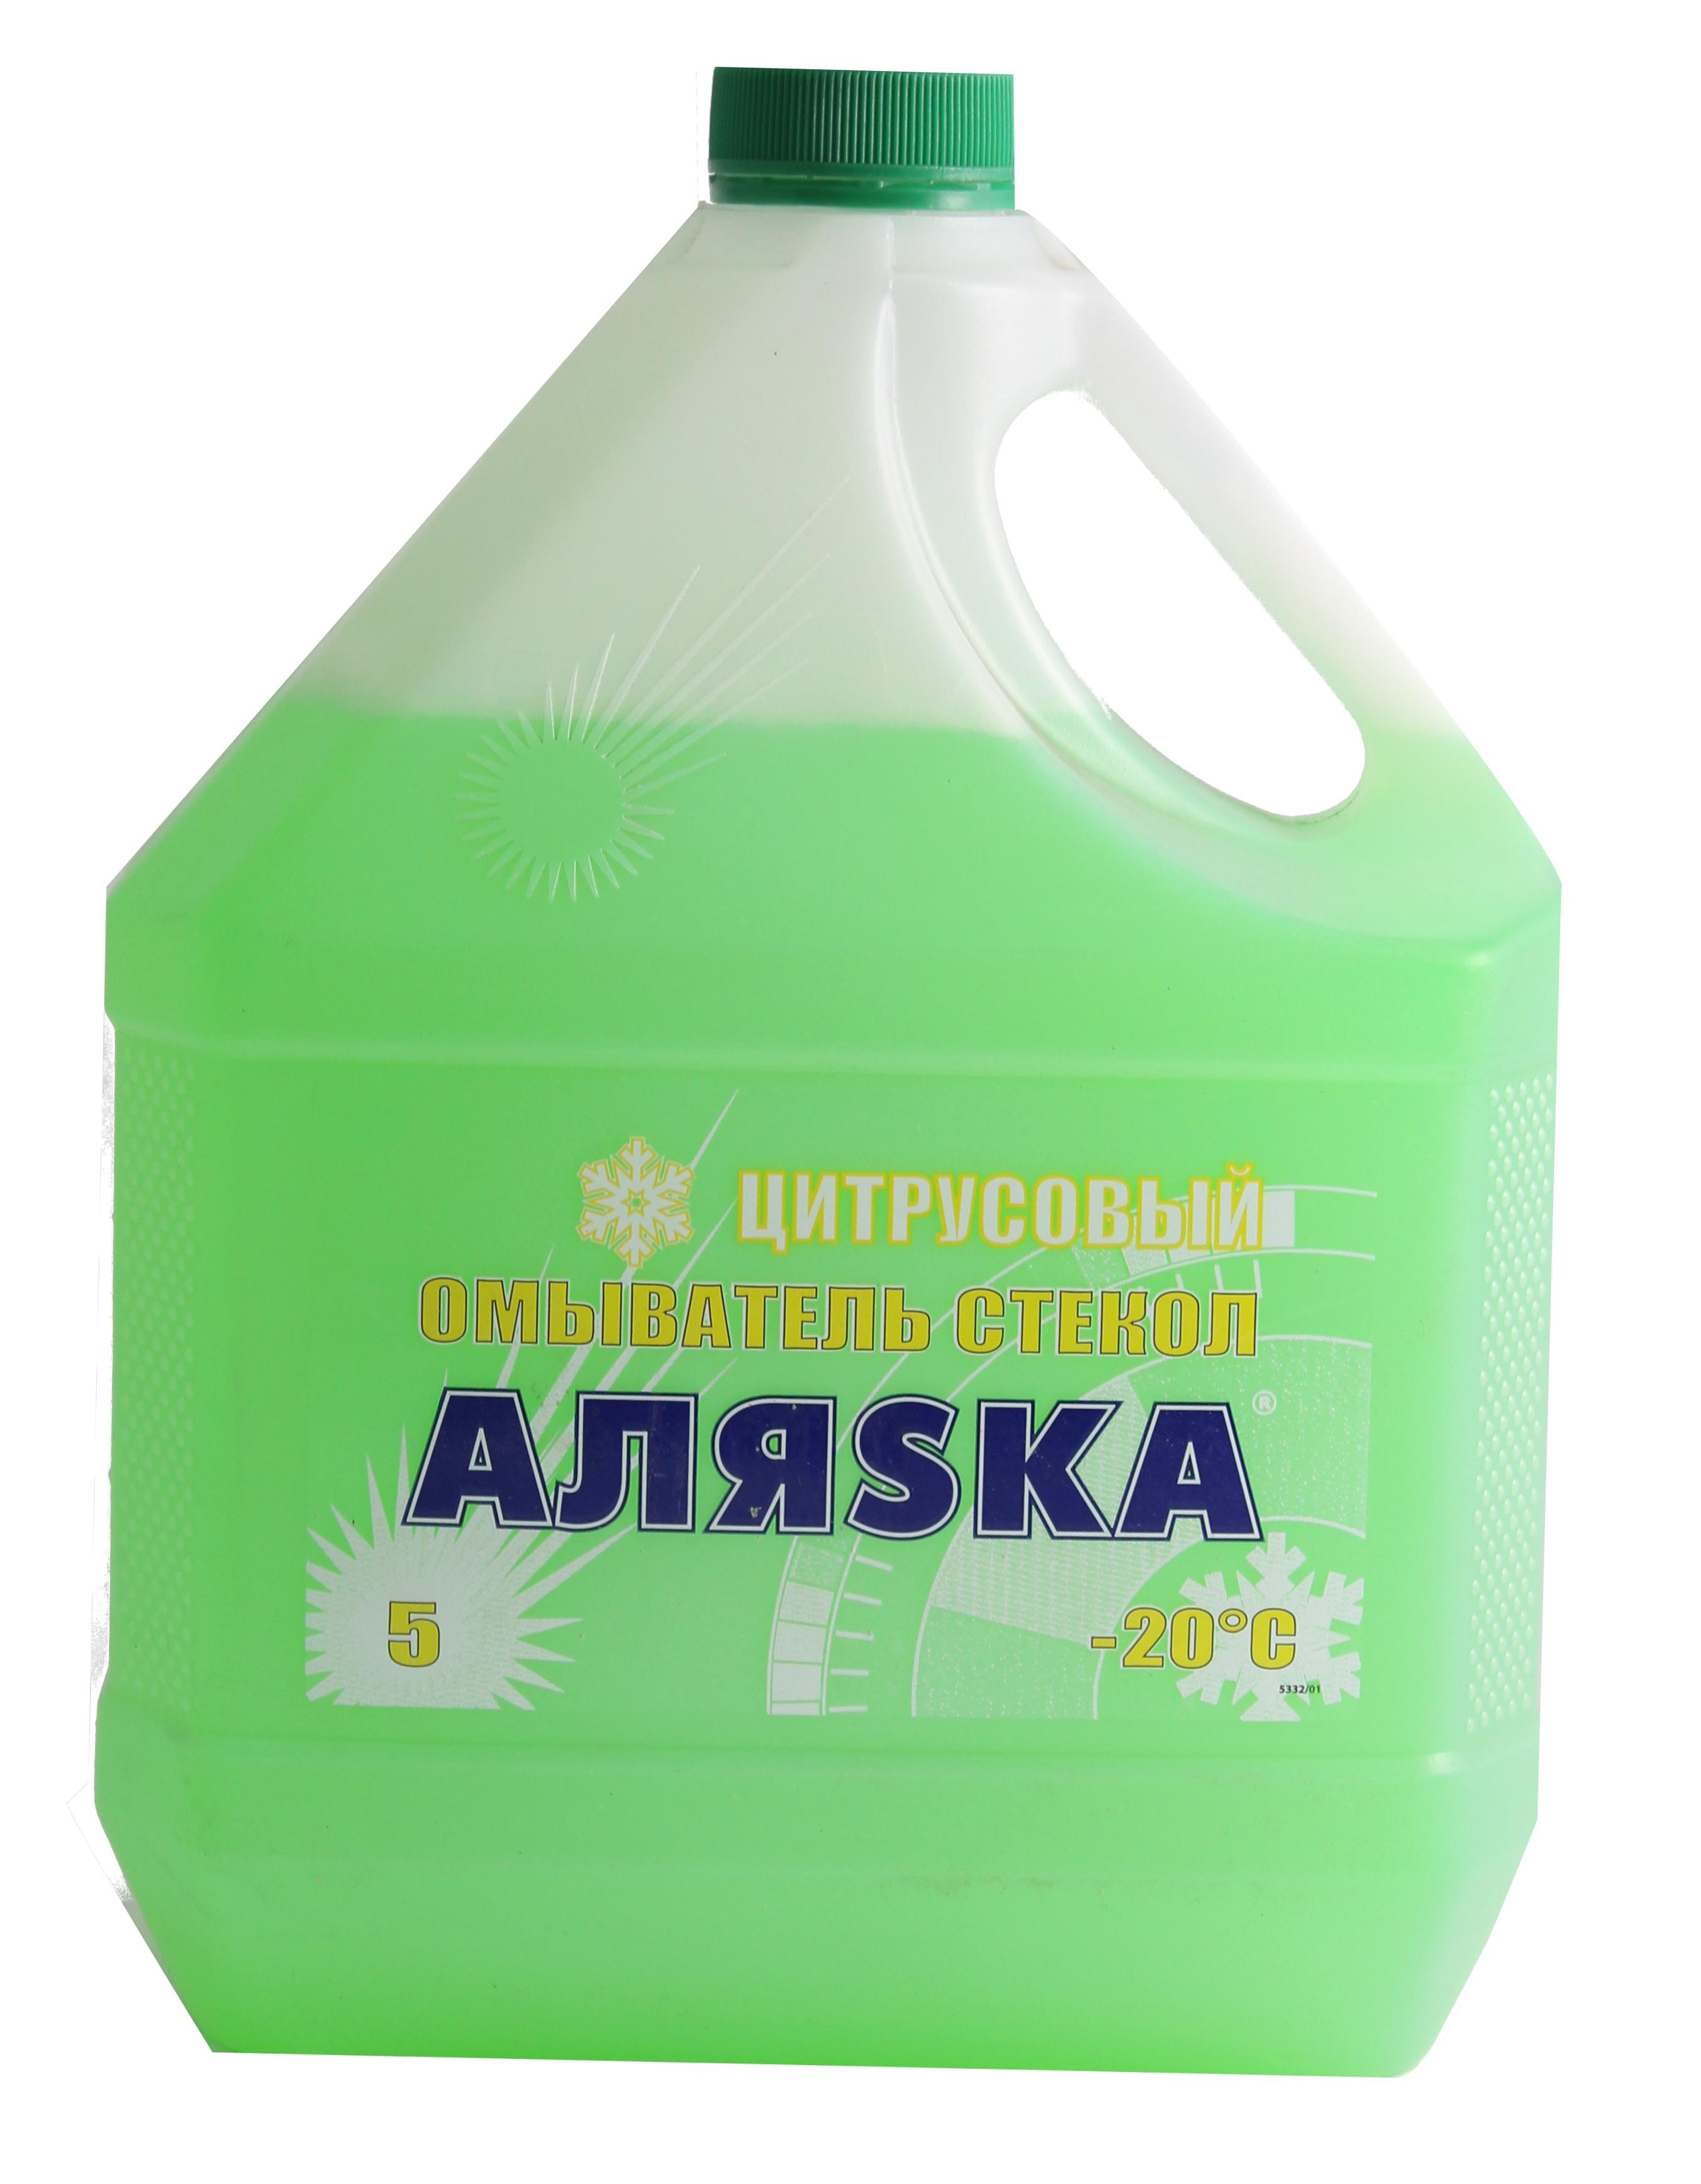 АЛЯСКА Автоочищувач скла-20С Цитрусовий 5 (4,15кг.)